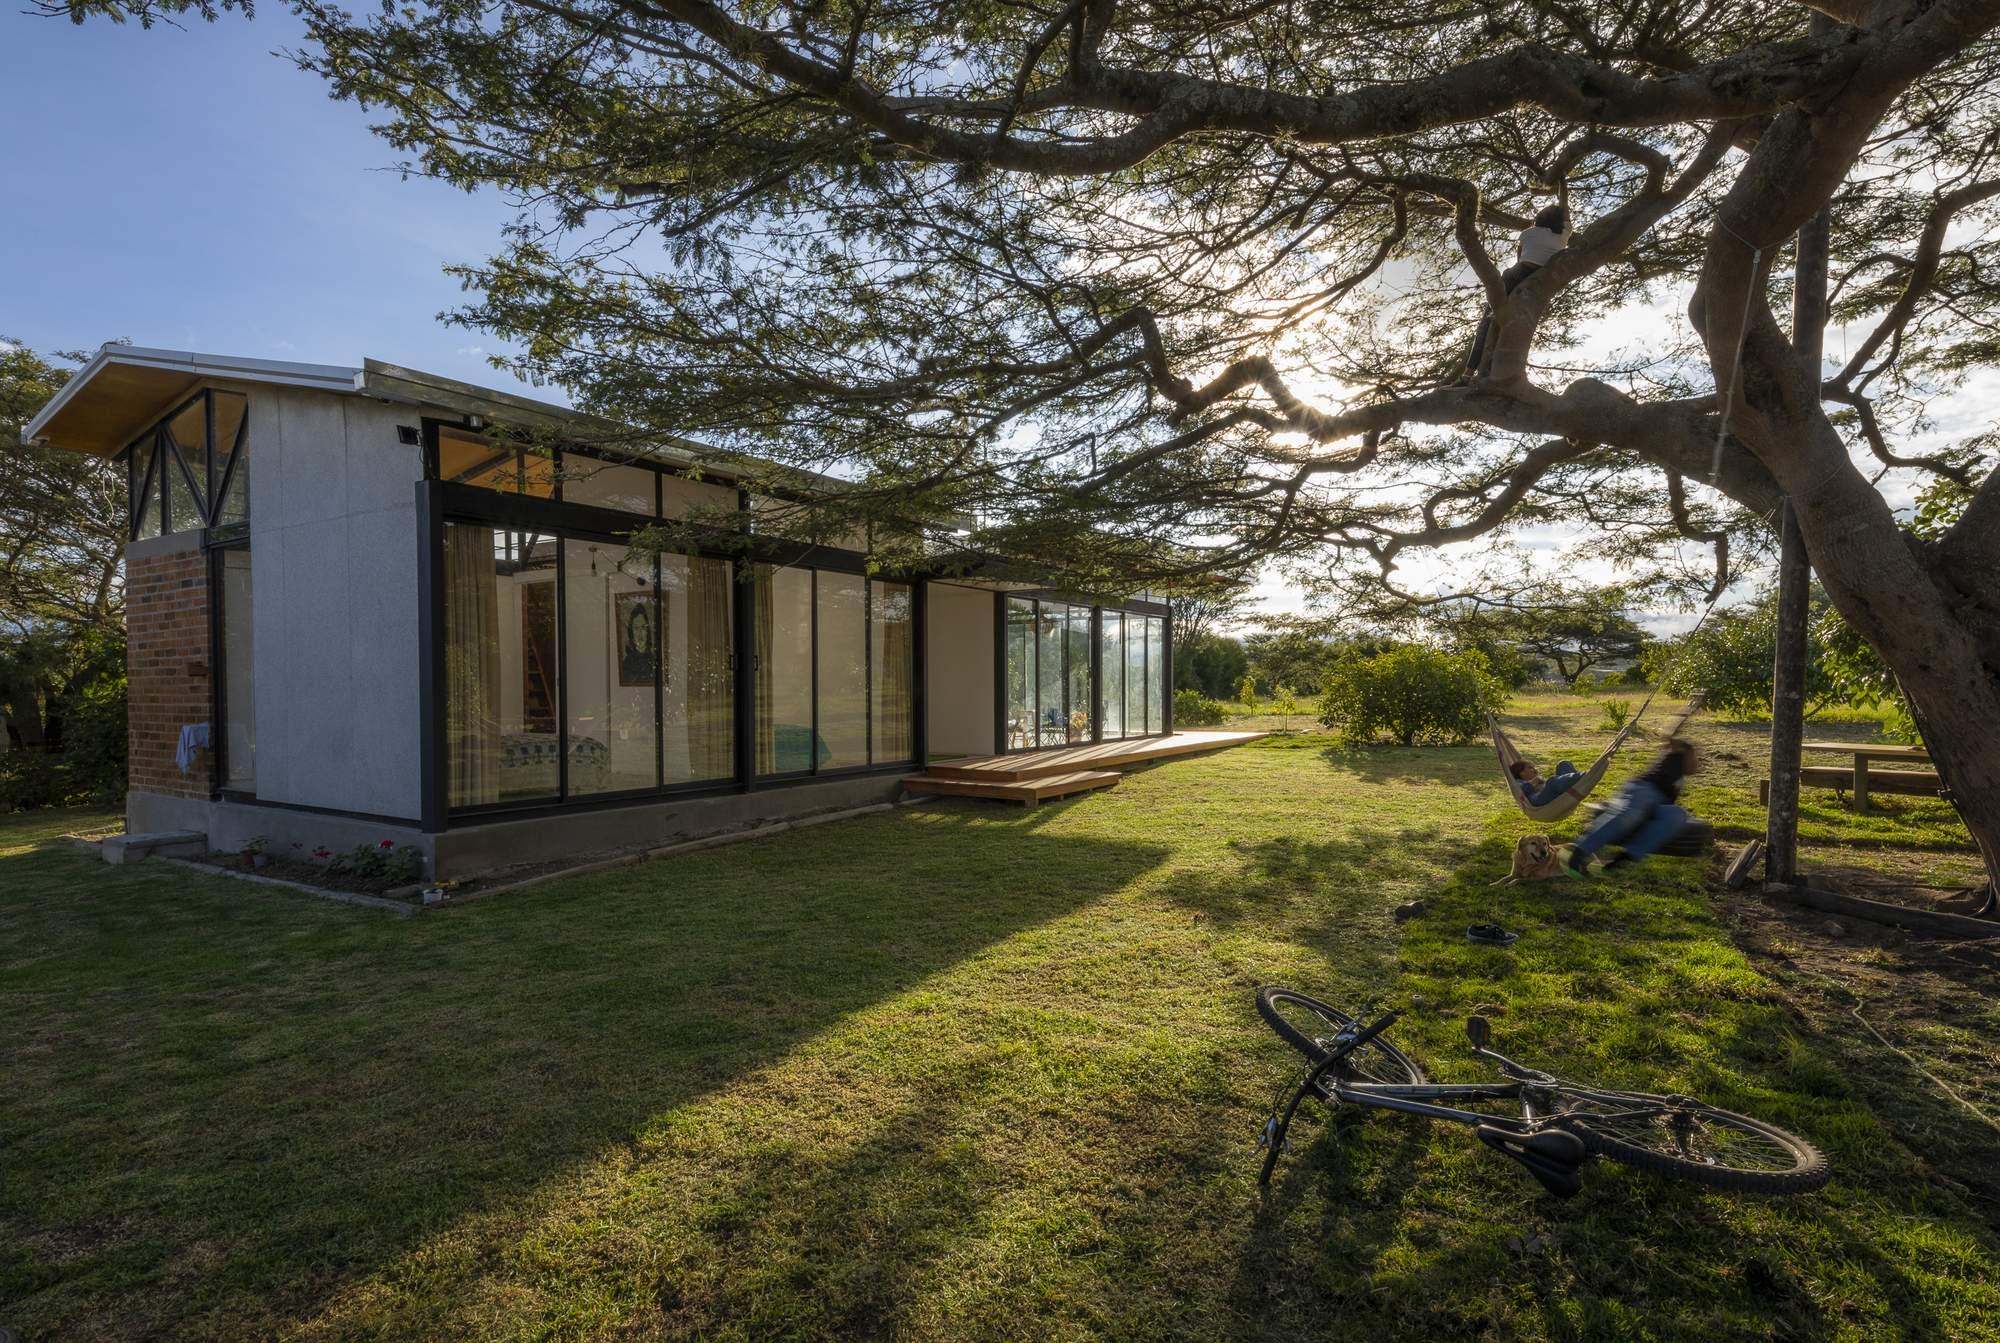 Загородный дом с индивидуальным характером, Эквадор